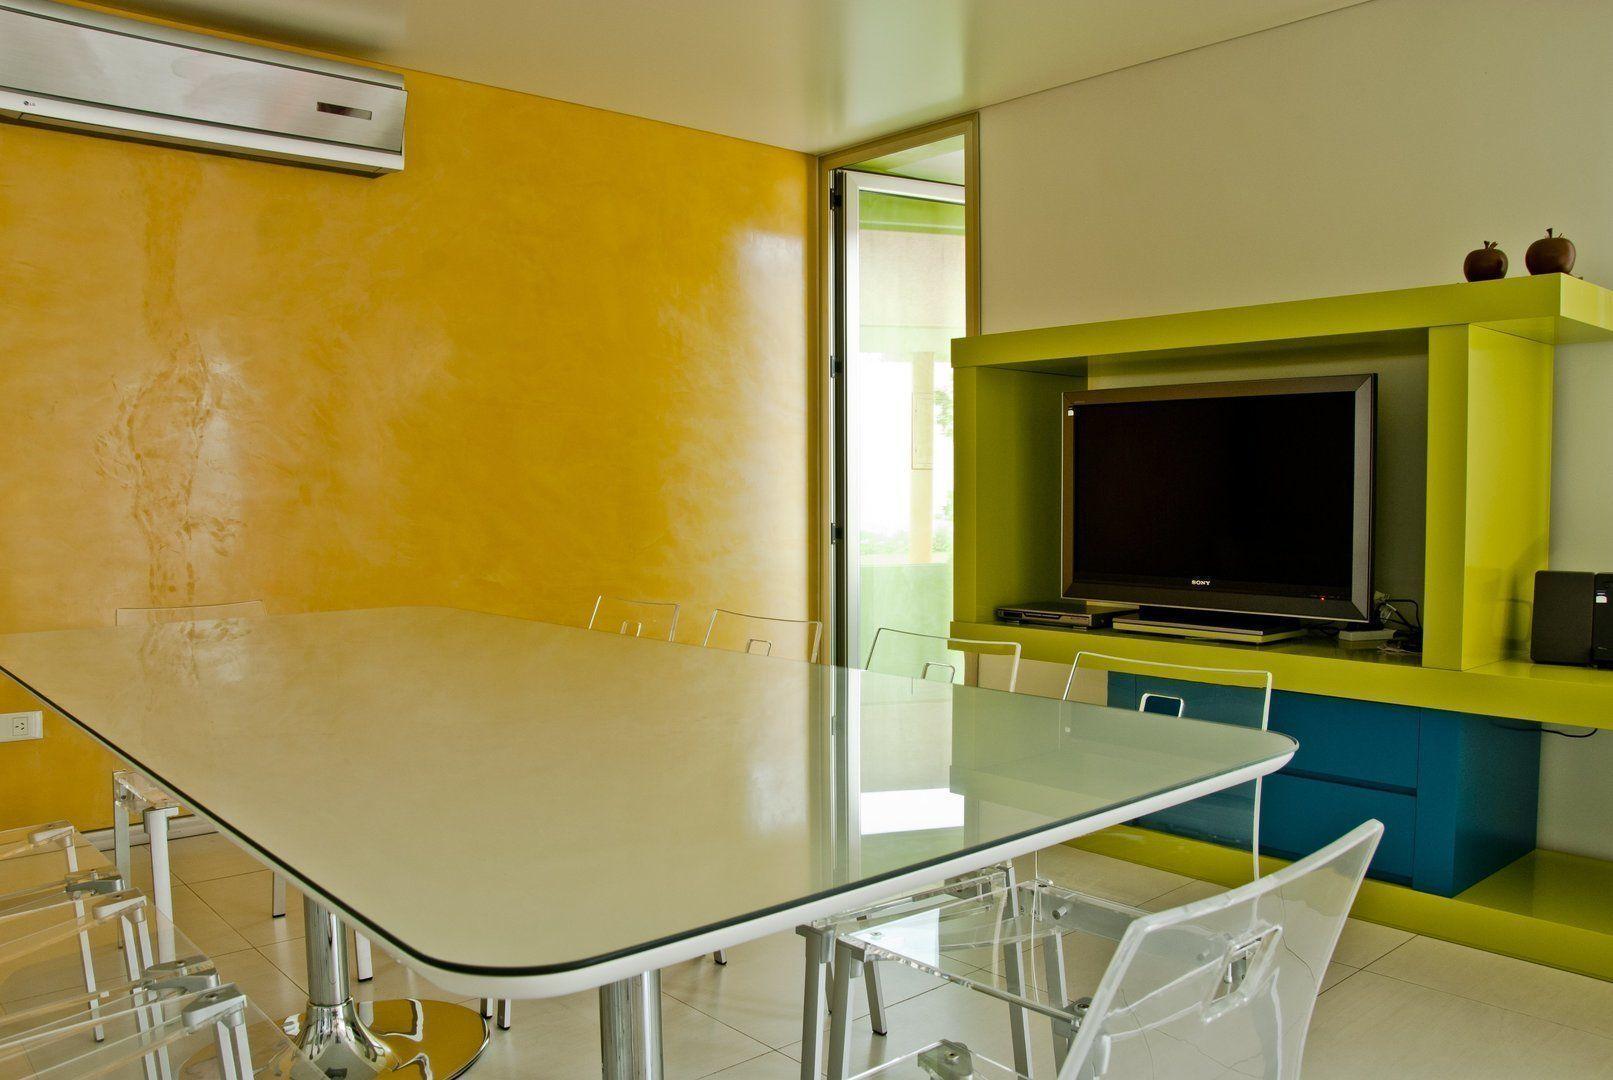 Colores texturas y efectos para el dise o interior por - Diseno de pintura para interiores ...